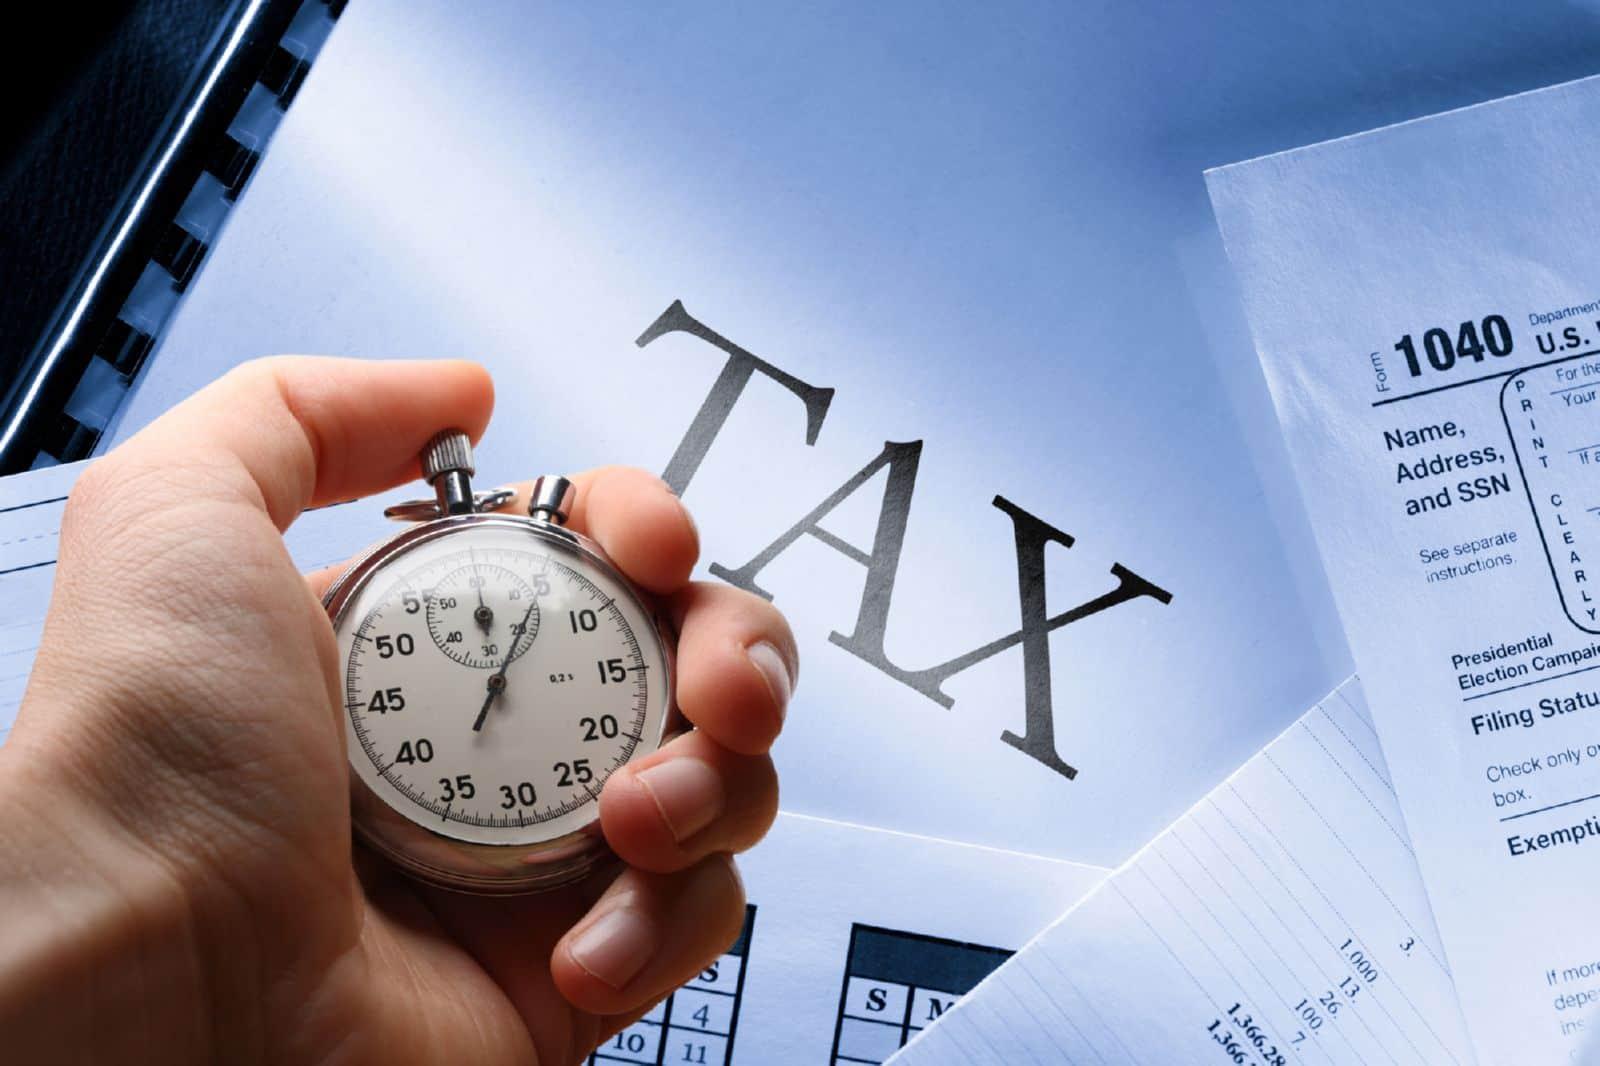 Как написать в трудовом договоре про суммированный учет рабочего времени